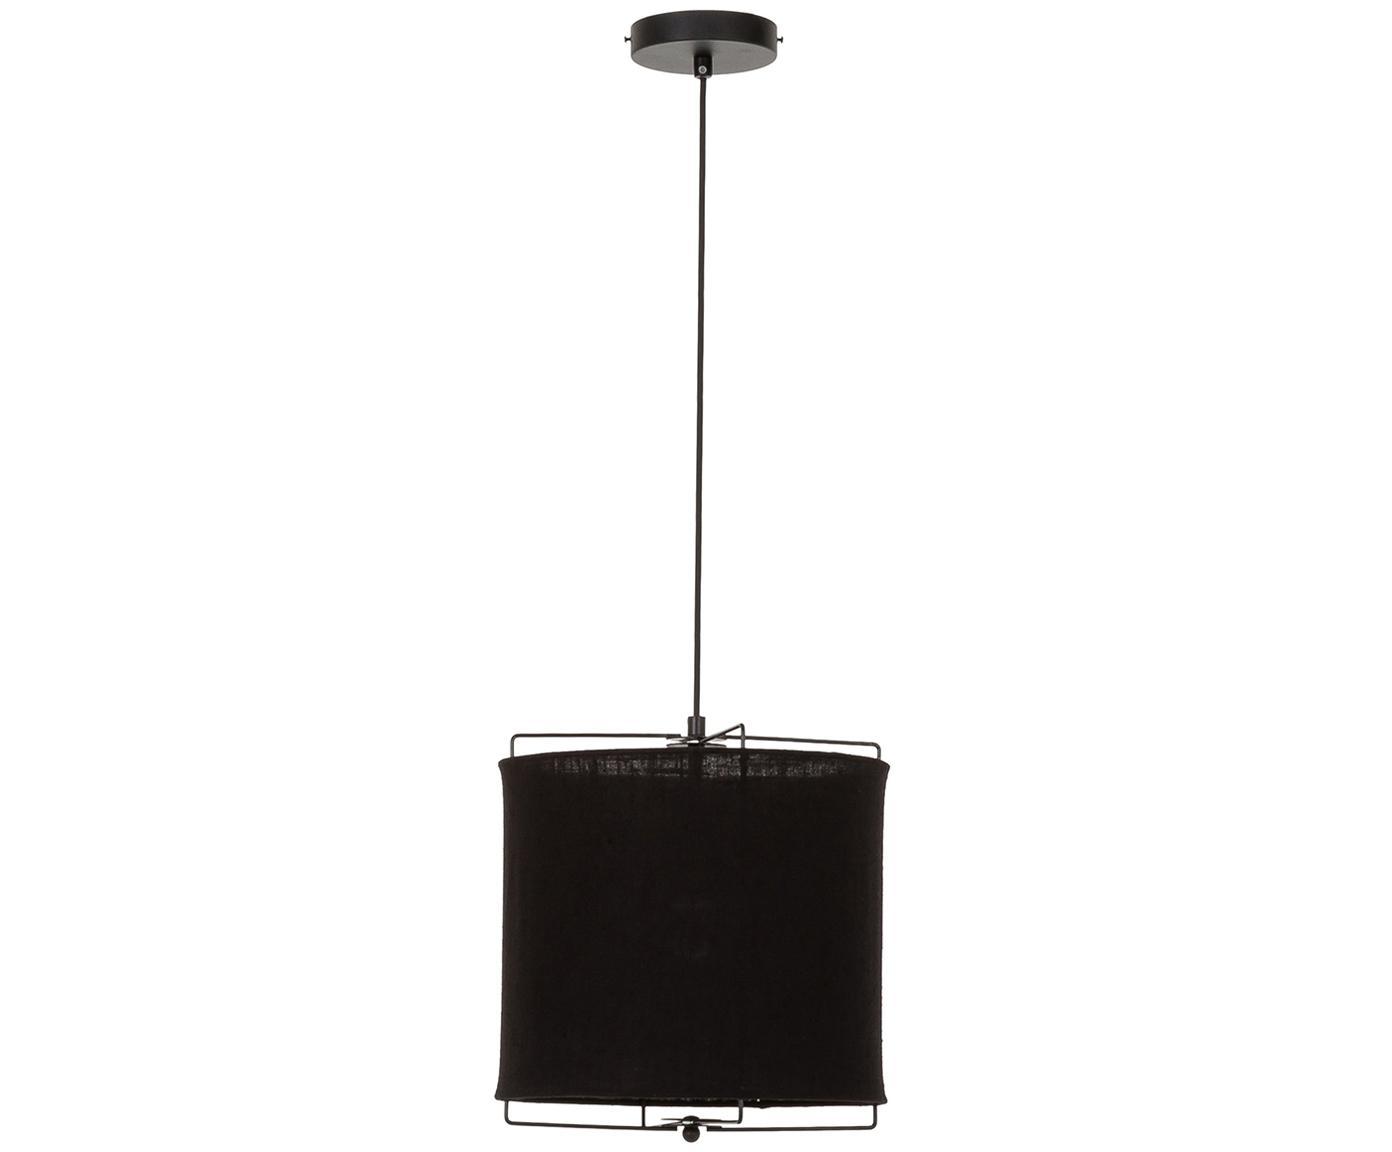 Lampa wisząca Clouds, Czarny, Ø 30 x W 30 cm